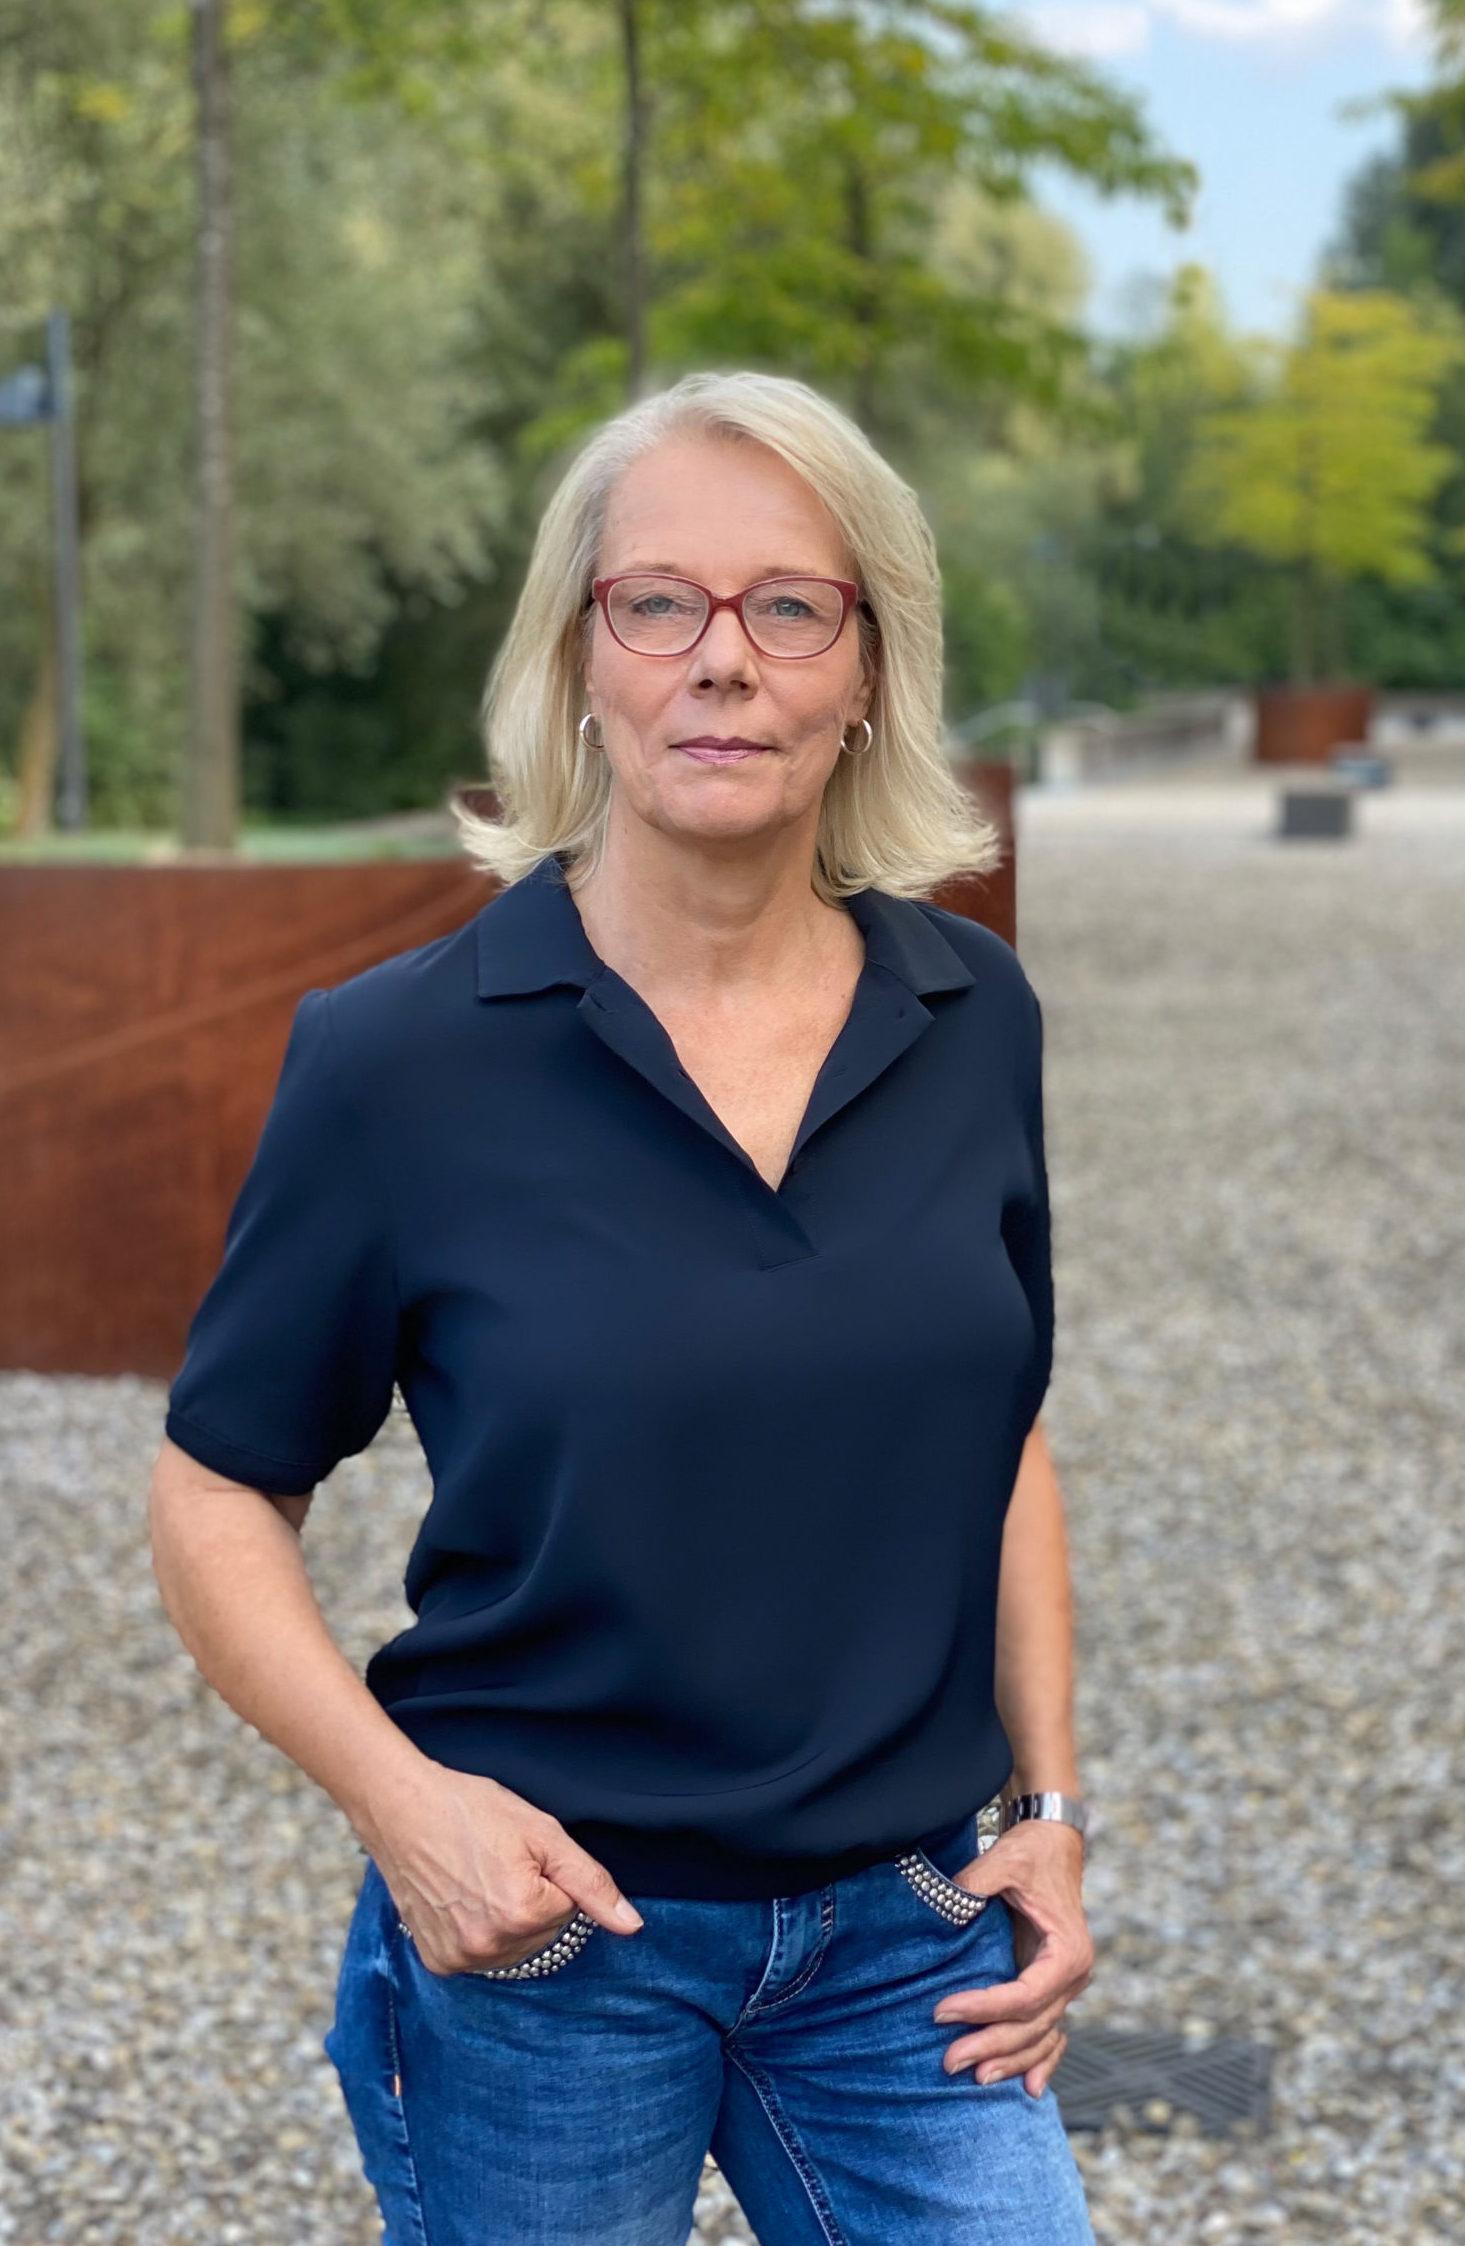 Ursula Eriberti